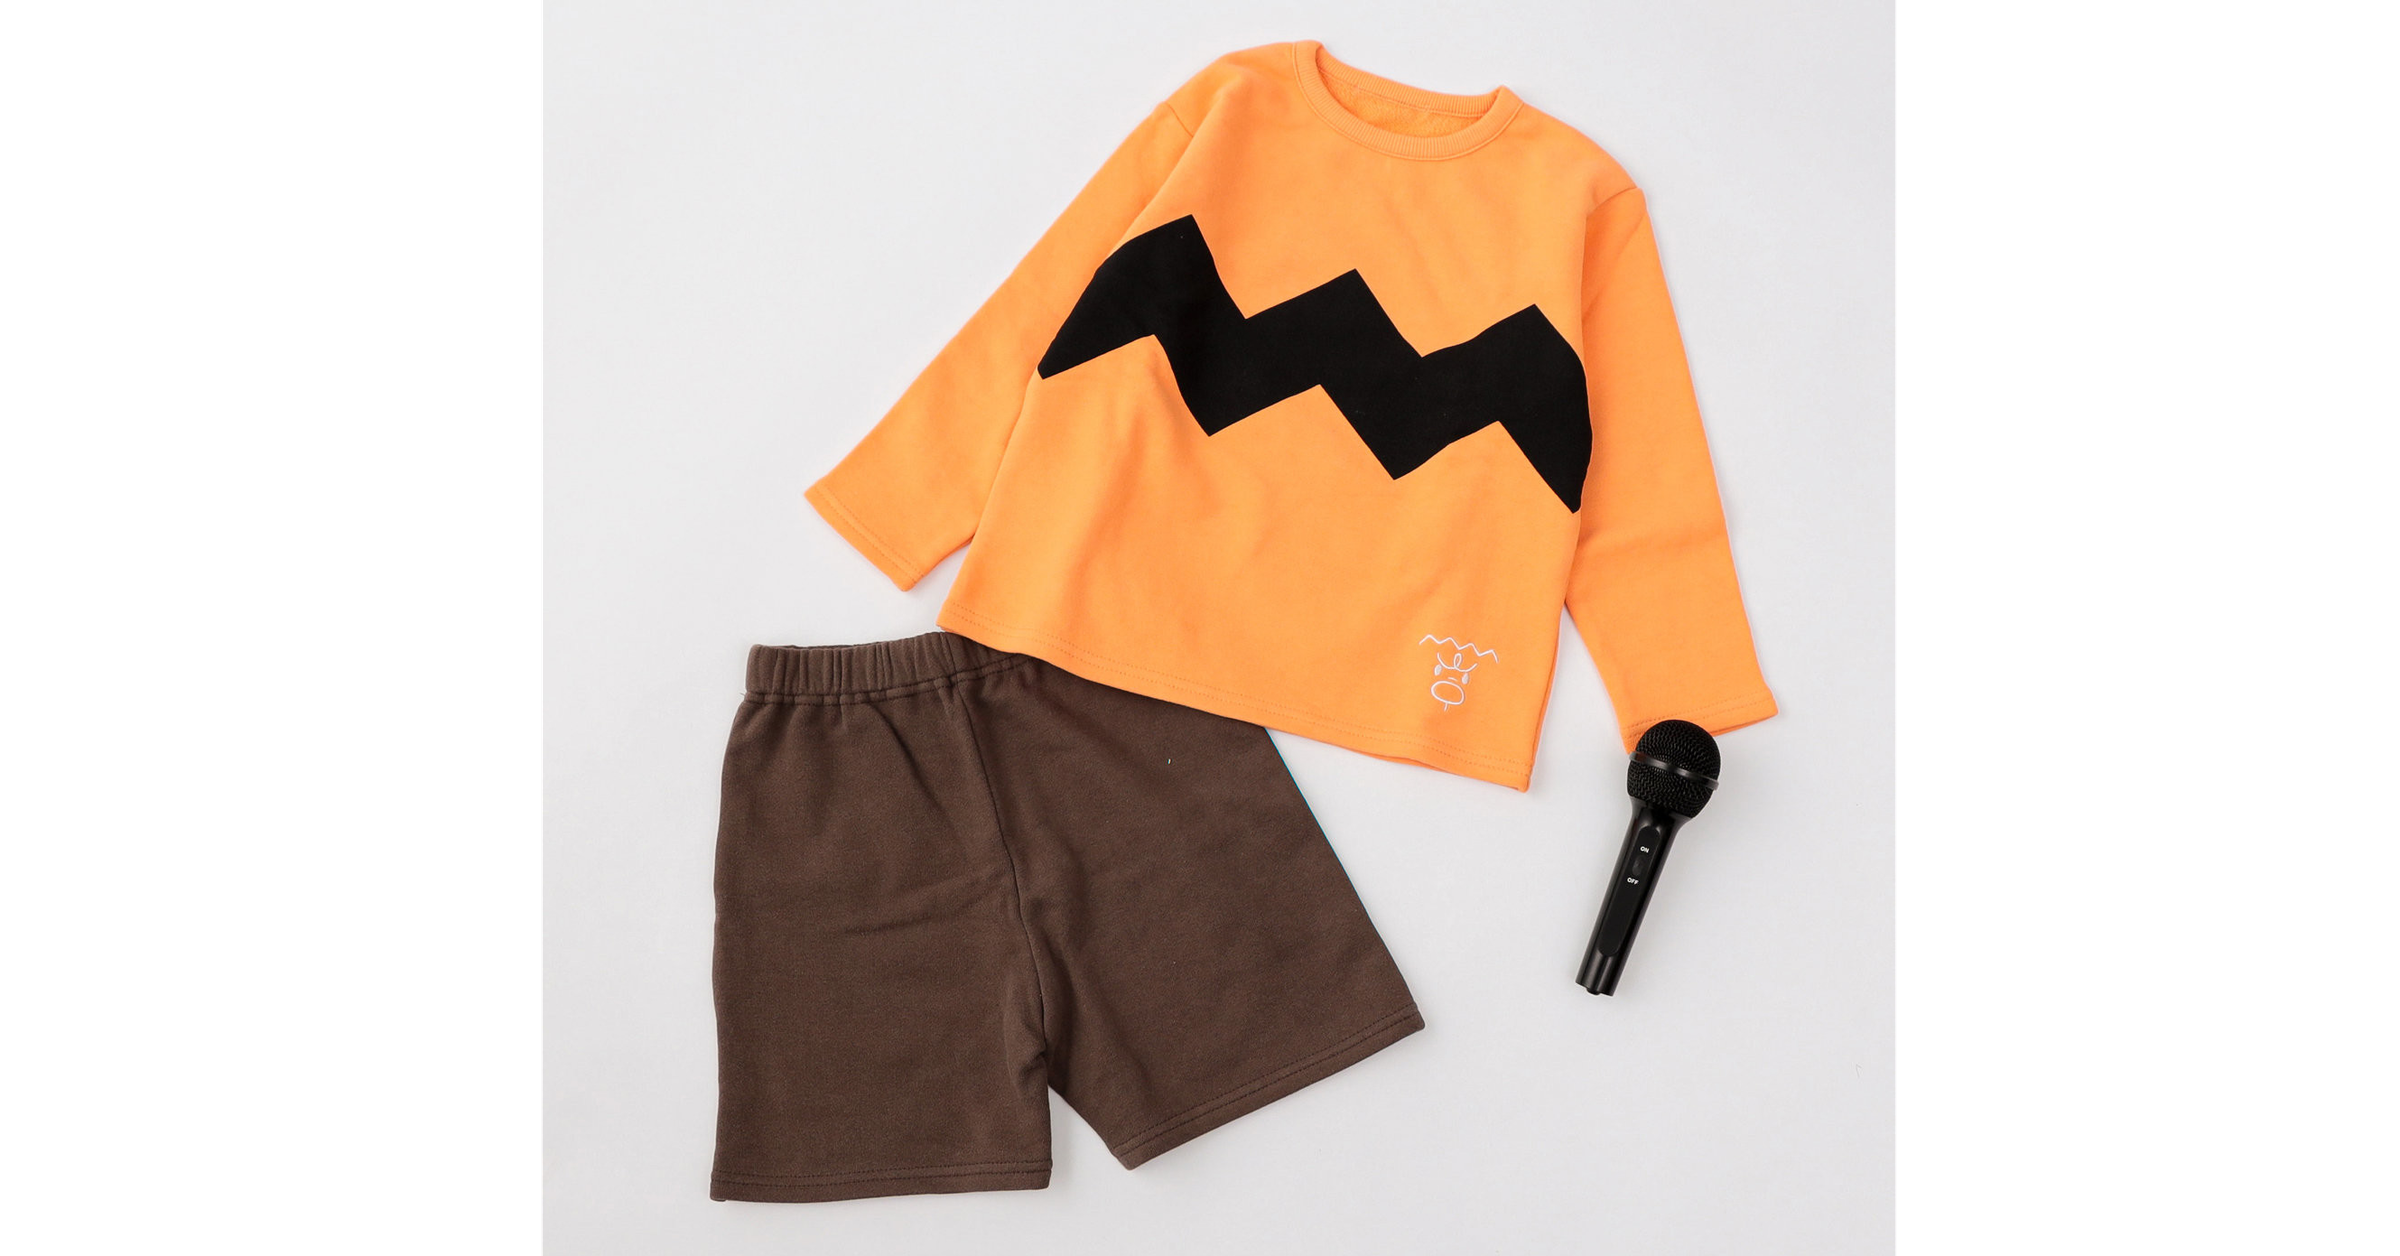 照片中包含了橙子、T恤衫、產品